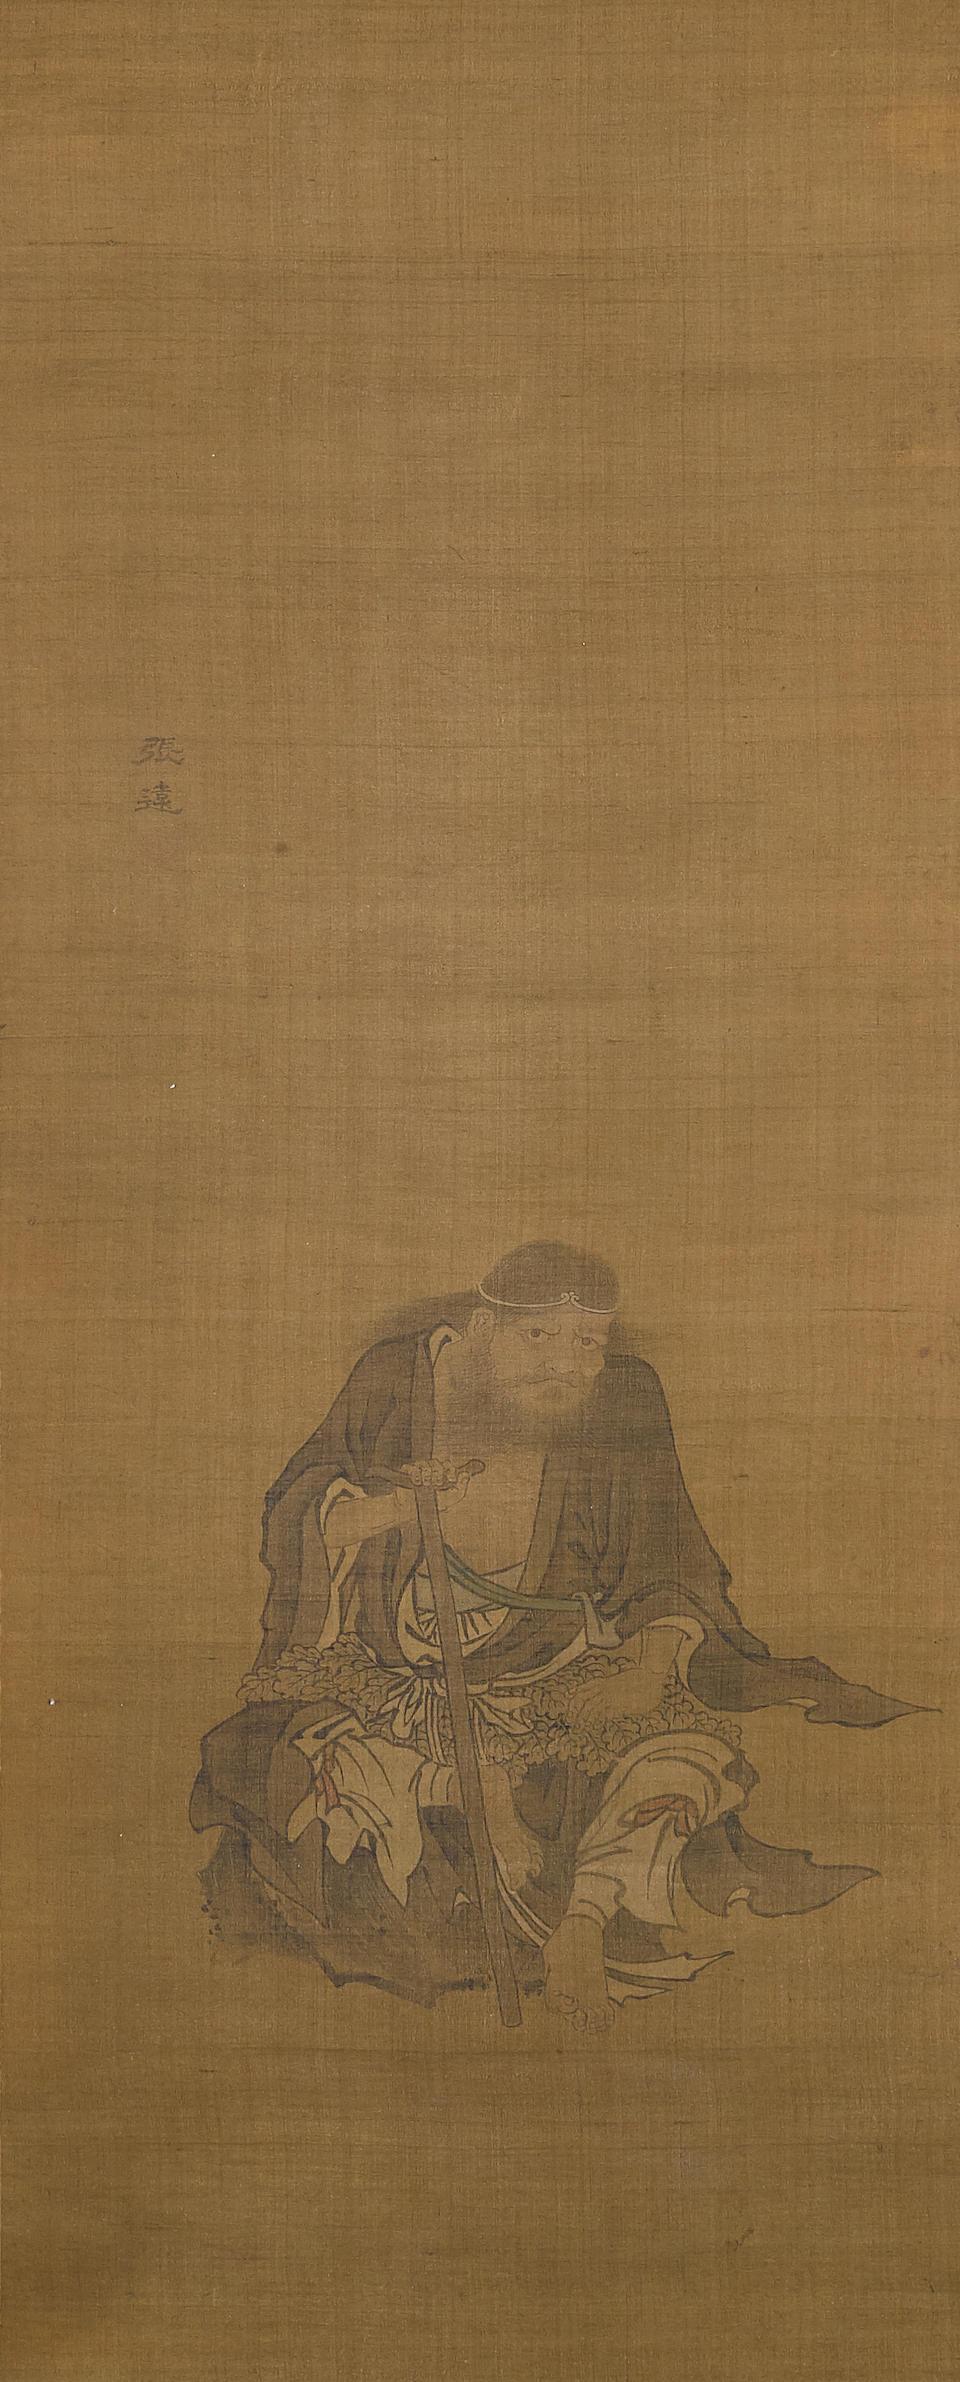 Attributed to Zhang Yuan (active 17th century)  Li Tieguai and Zhongli Quan  (2)